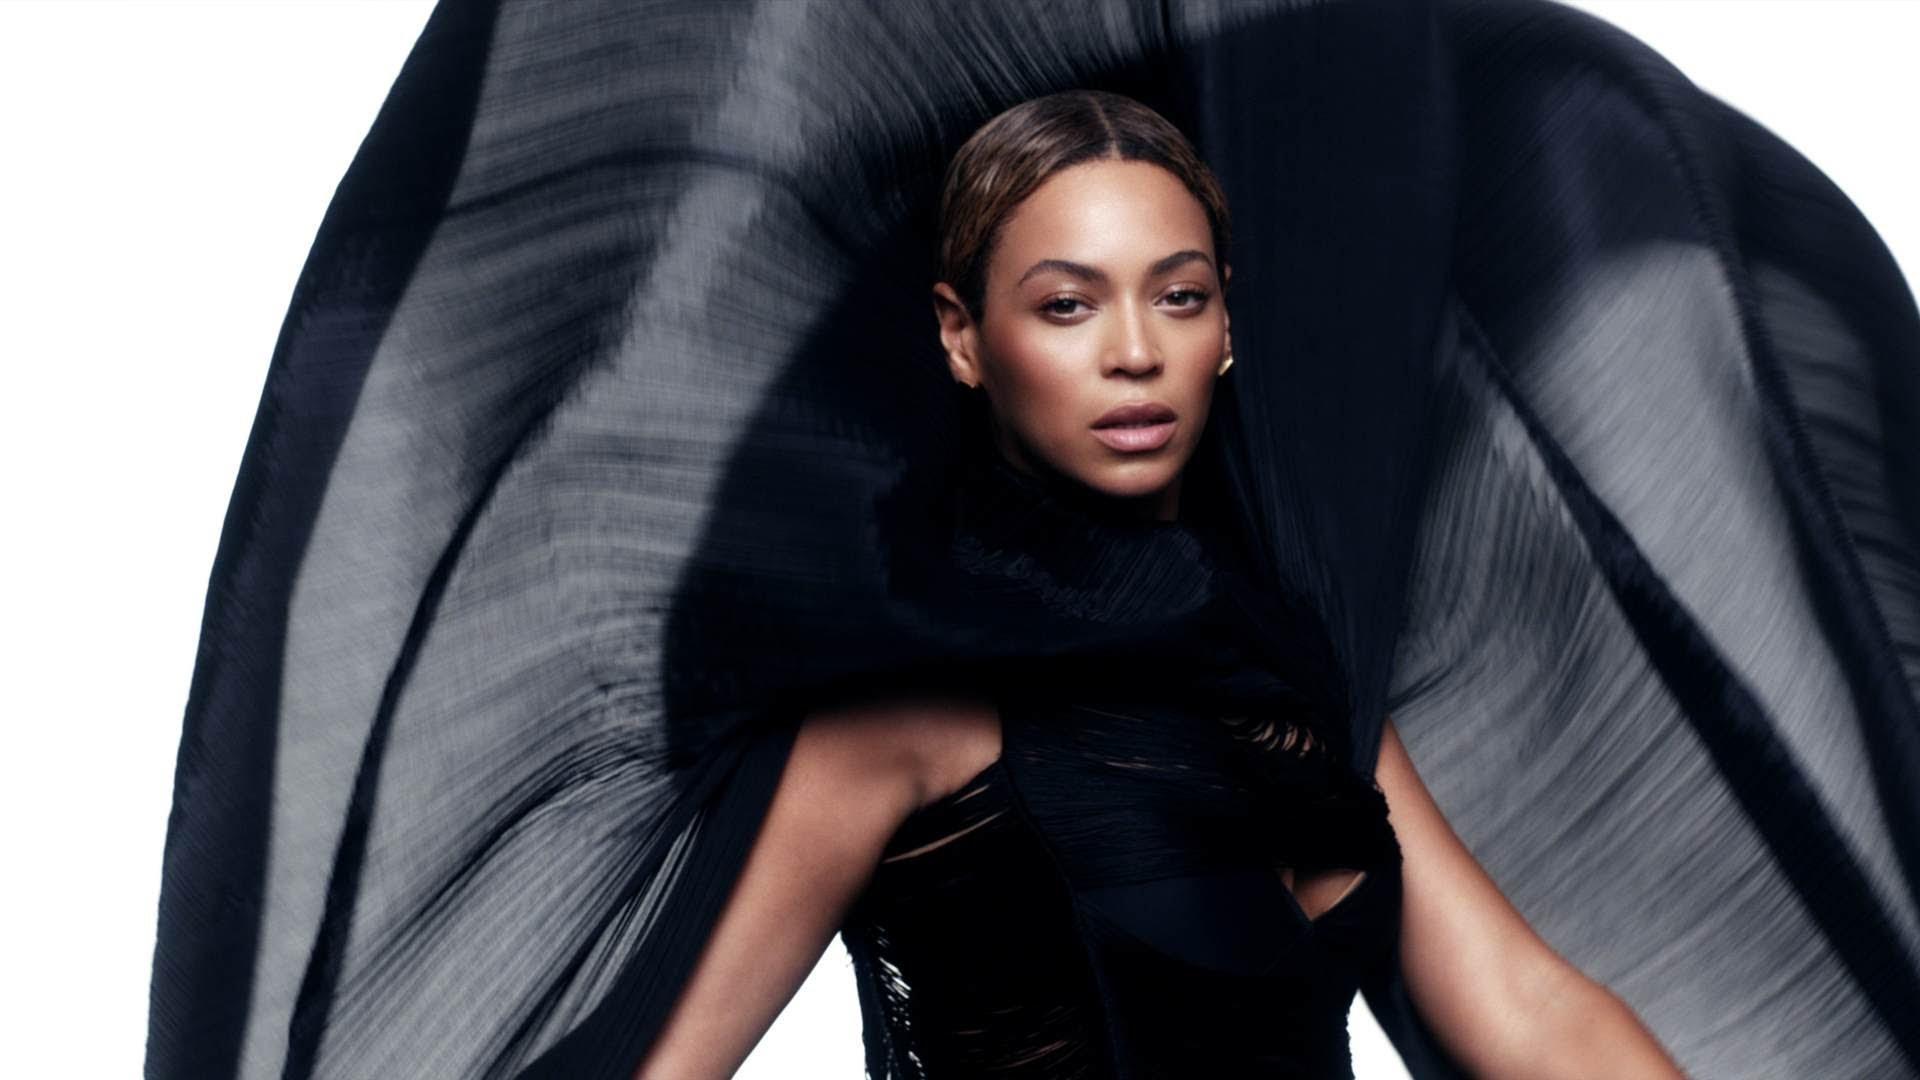 Những phát ngôn truyền cảm hứng của biểu tượng nữ quyền Beyoncé